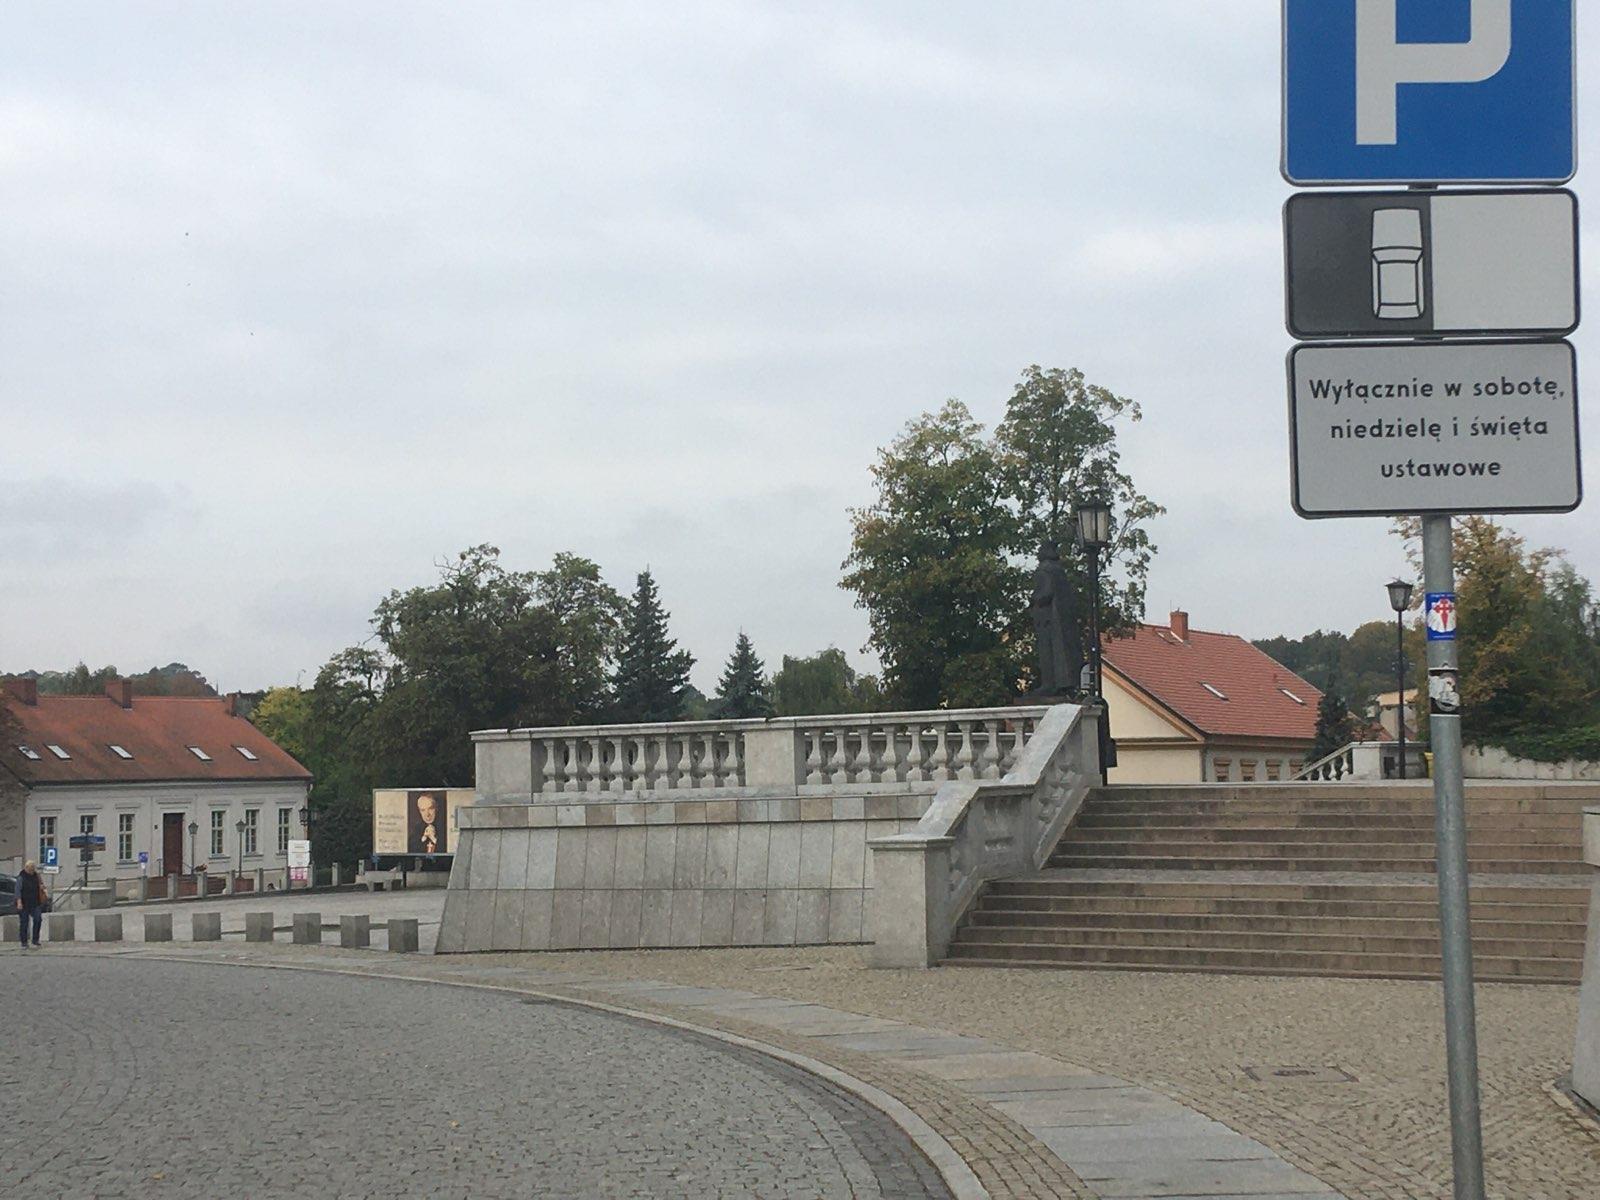 parking katedra gniezno ulica łaskiego - Rafał Muniak - Radio Poznań